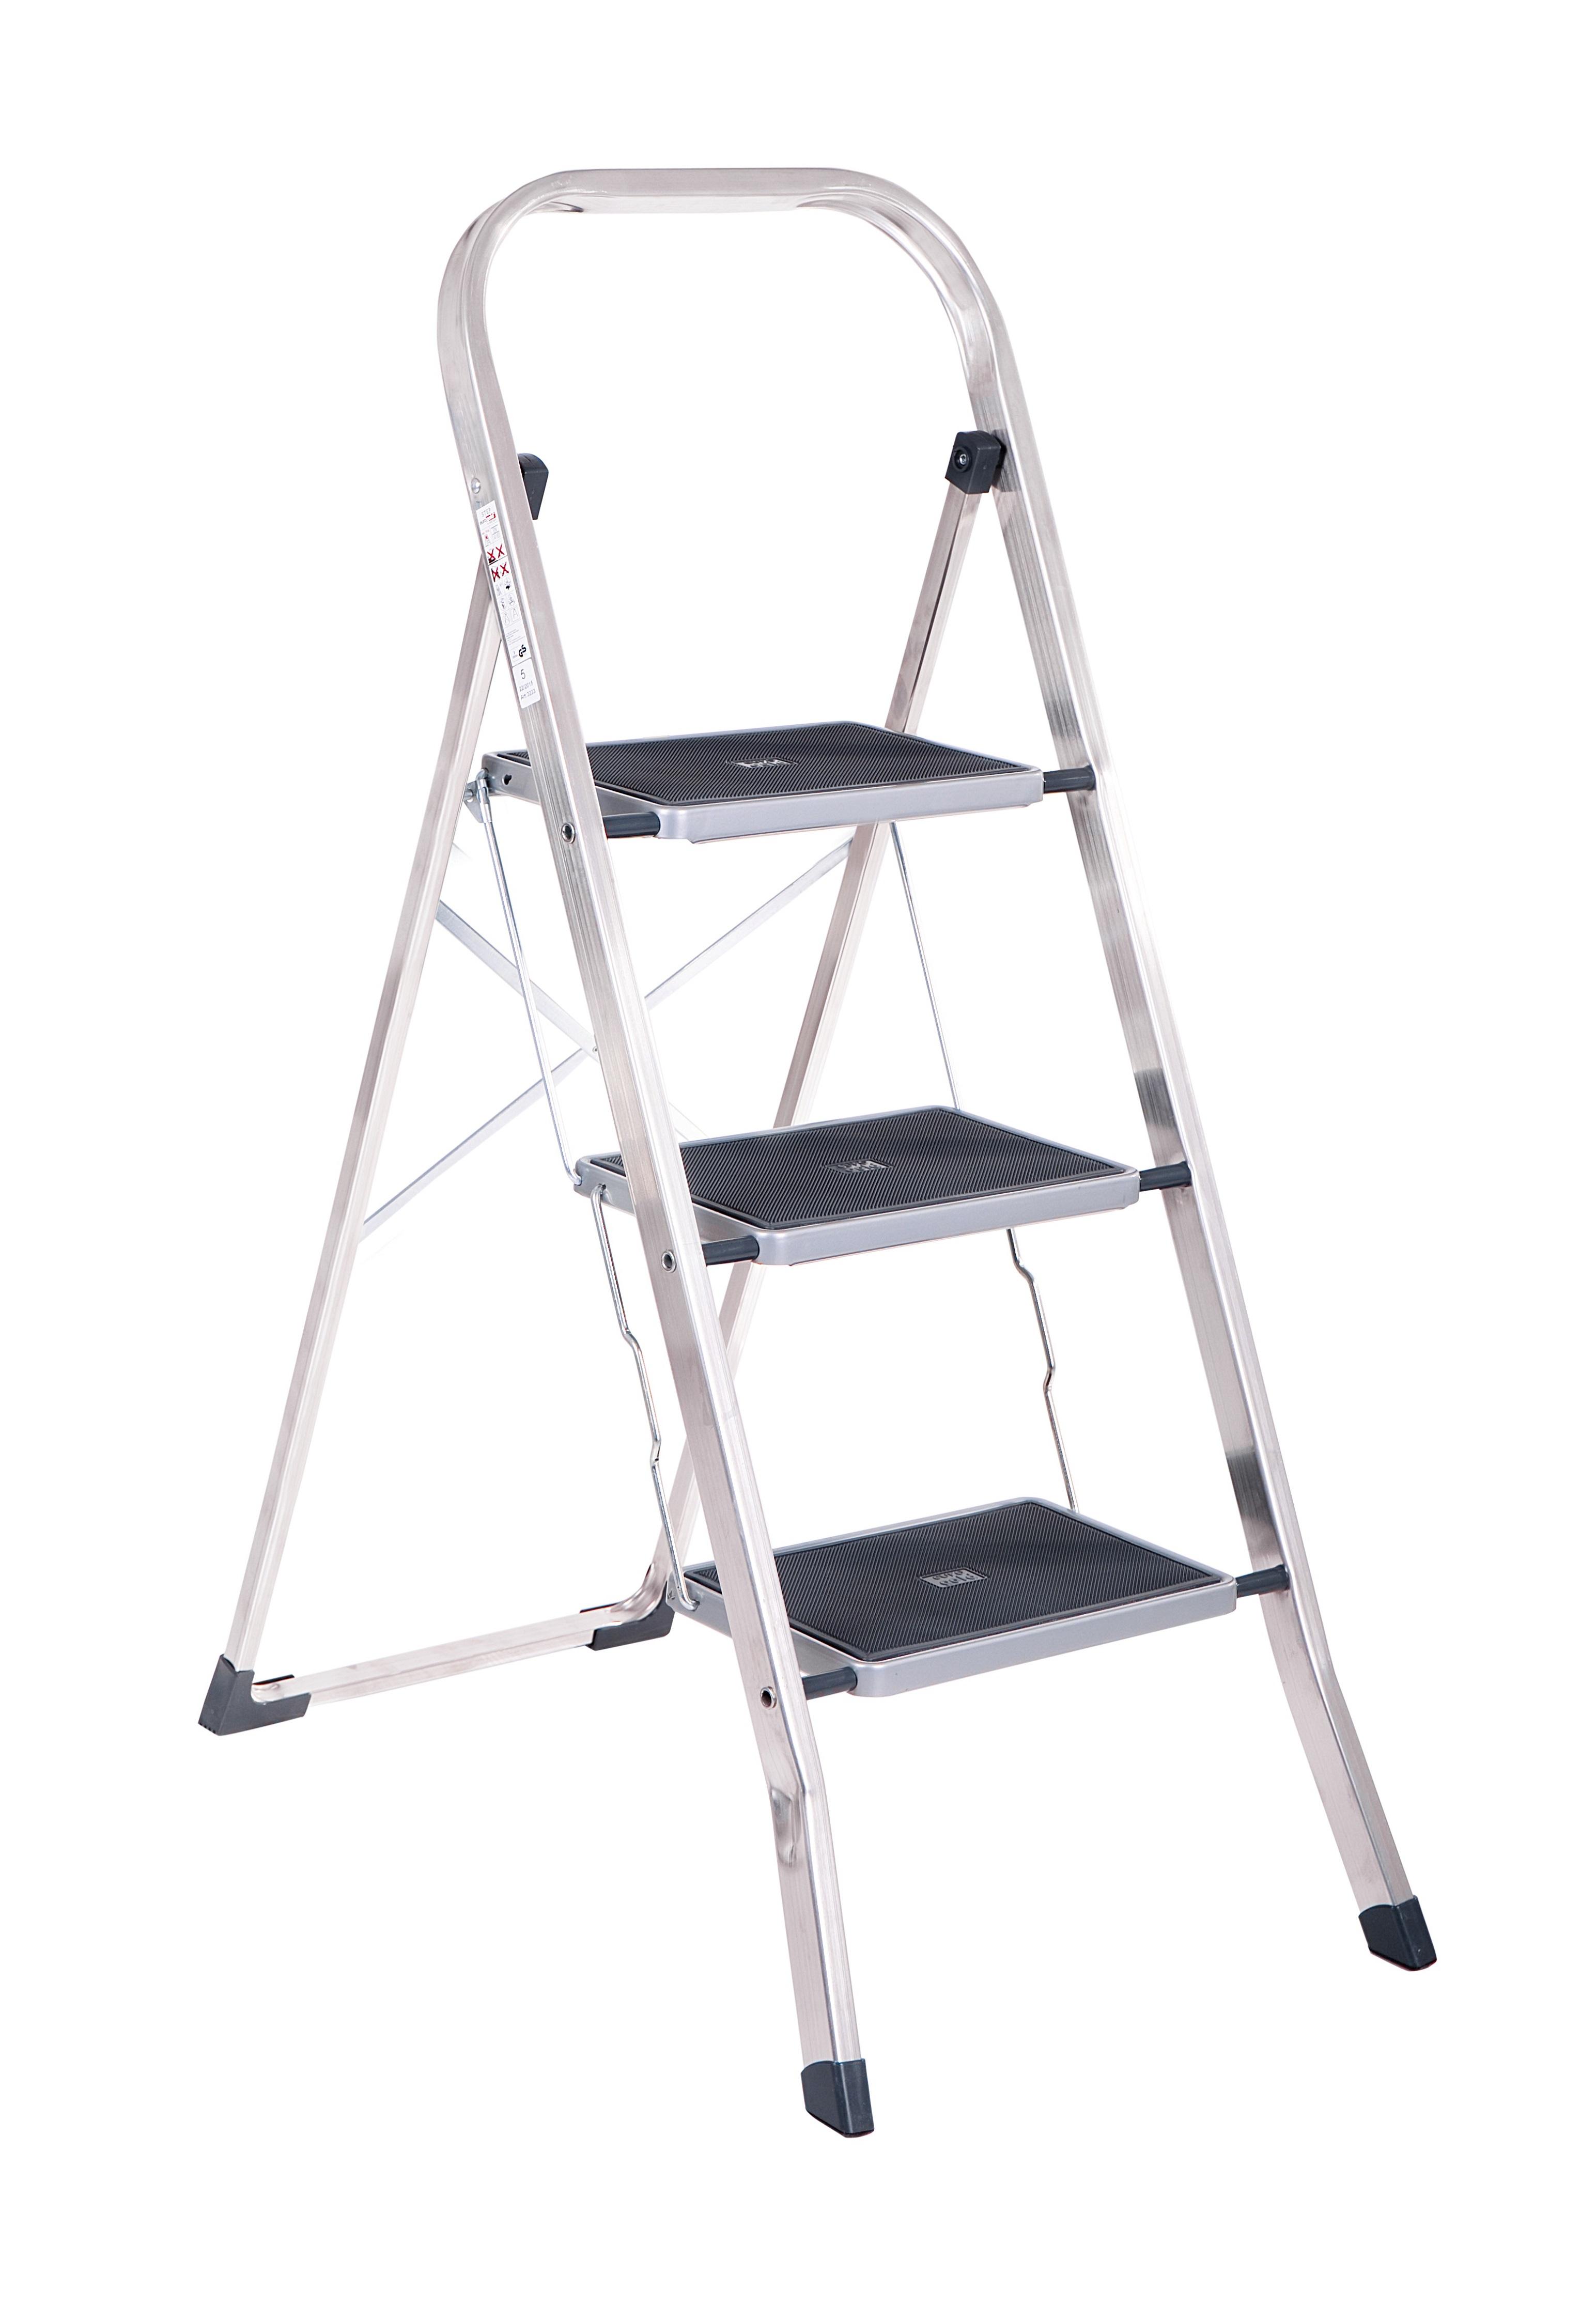 Alu Klapp Trittleiter Mit 3 Stufen 150kg Belastbarkeit